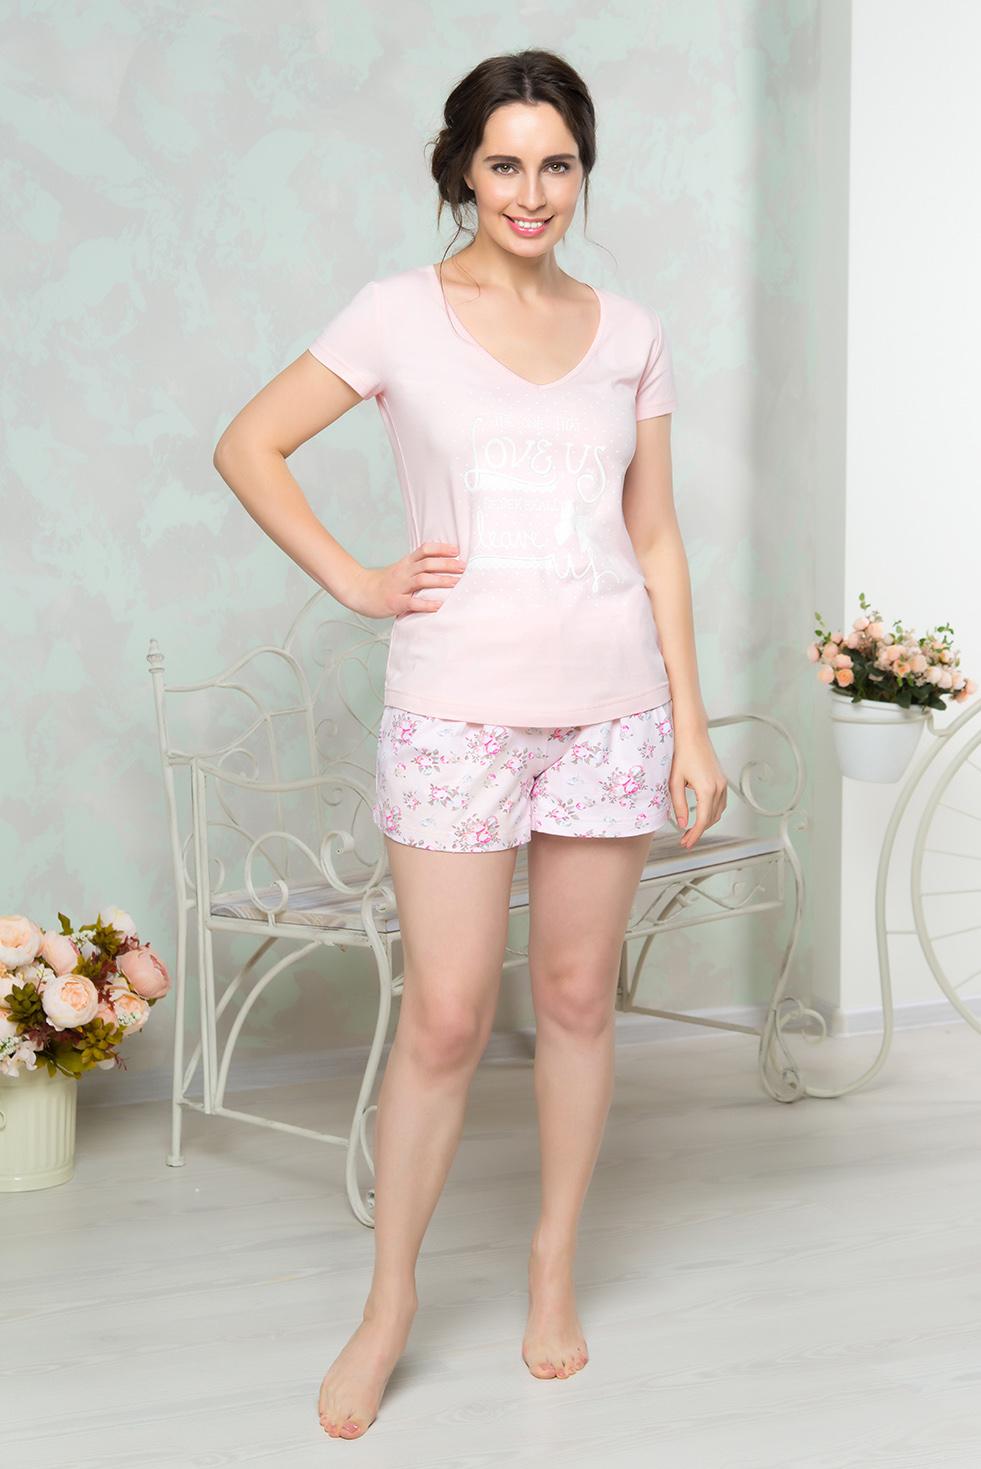 Пижама женская Mia Cara: футболка, шорты, цвет: розовый. AW16-MCUZ-845. Размер 50/52 пижама жен mia cara майка шорты botanical aw15 ubl lst 264 р 42 44 1119503